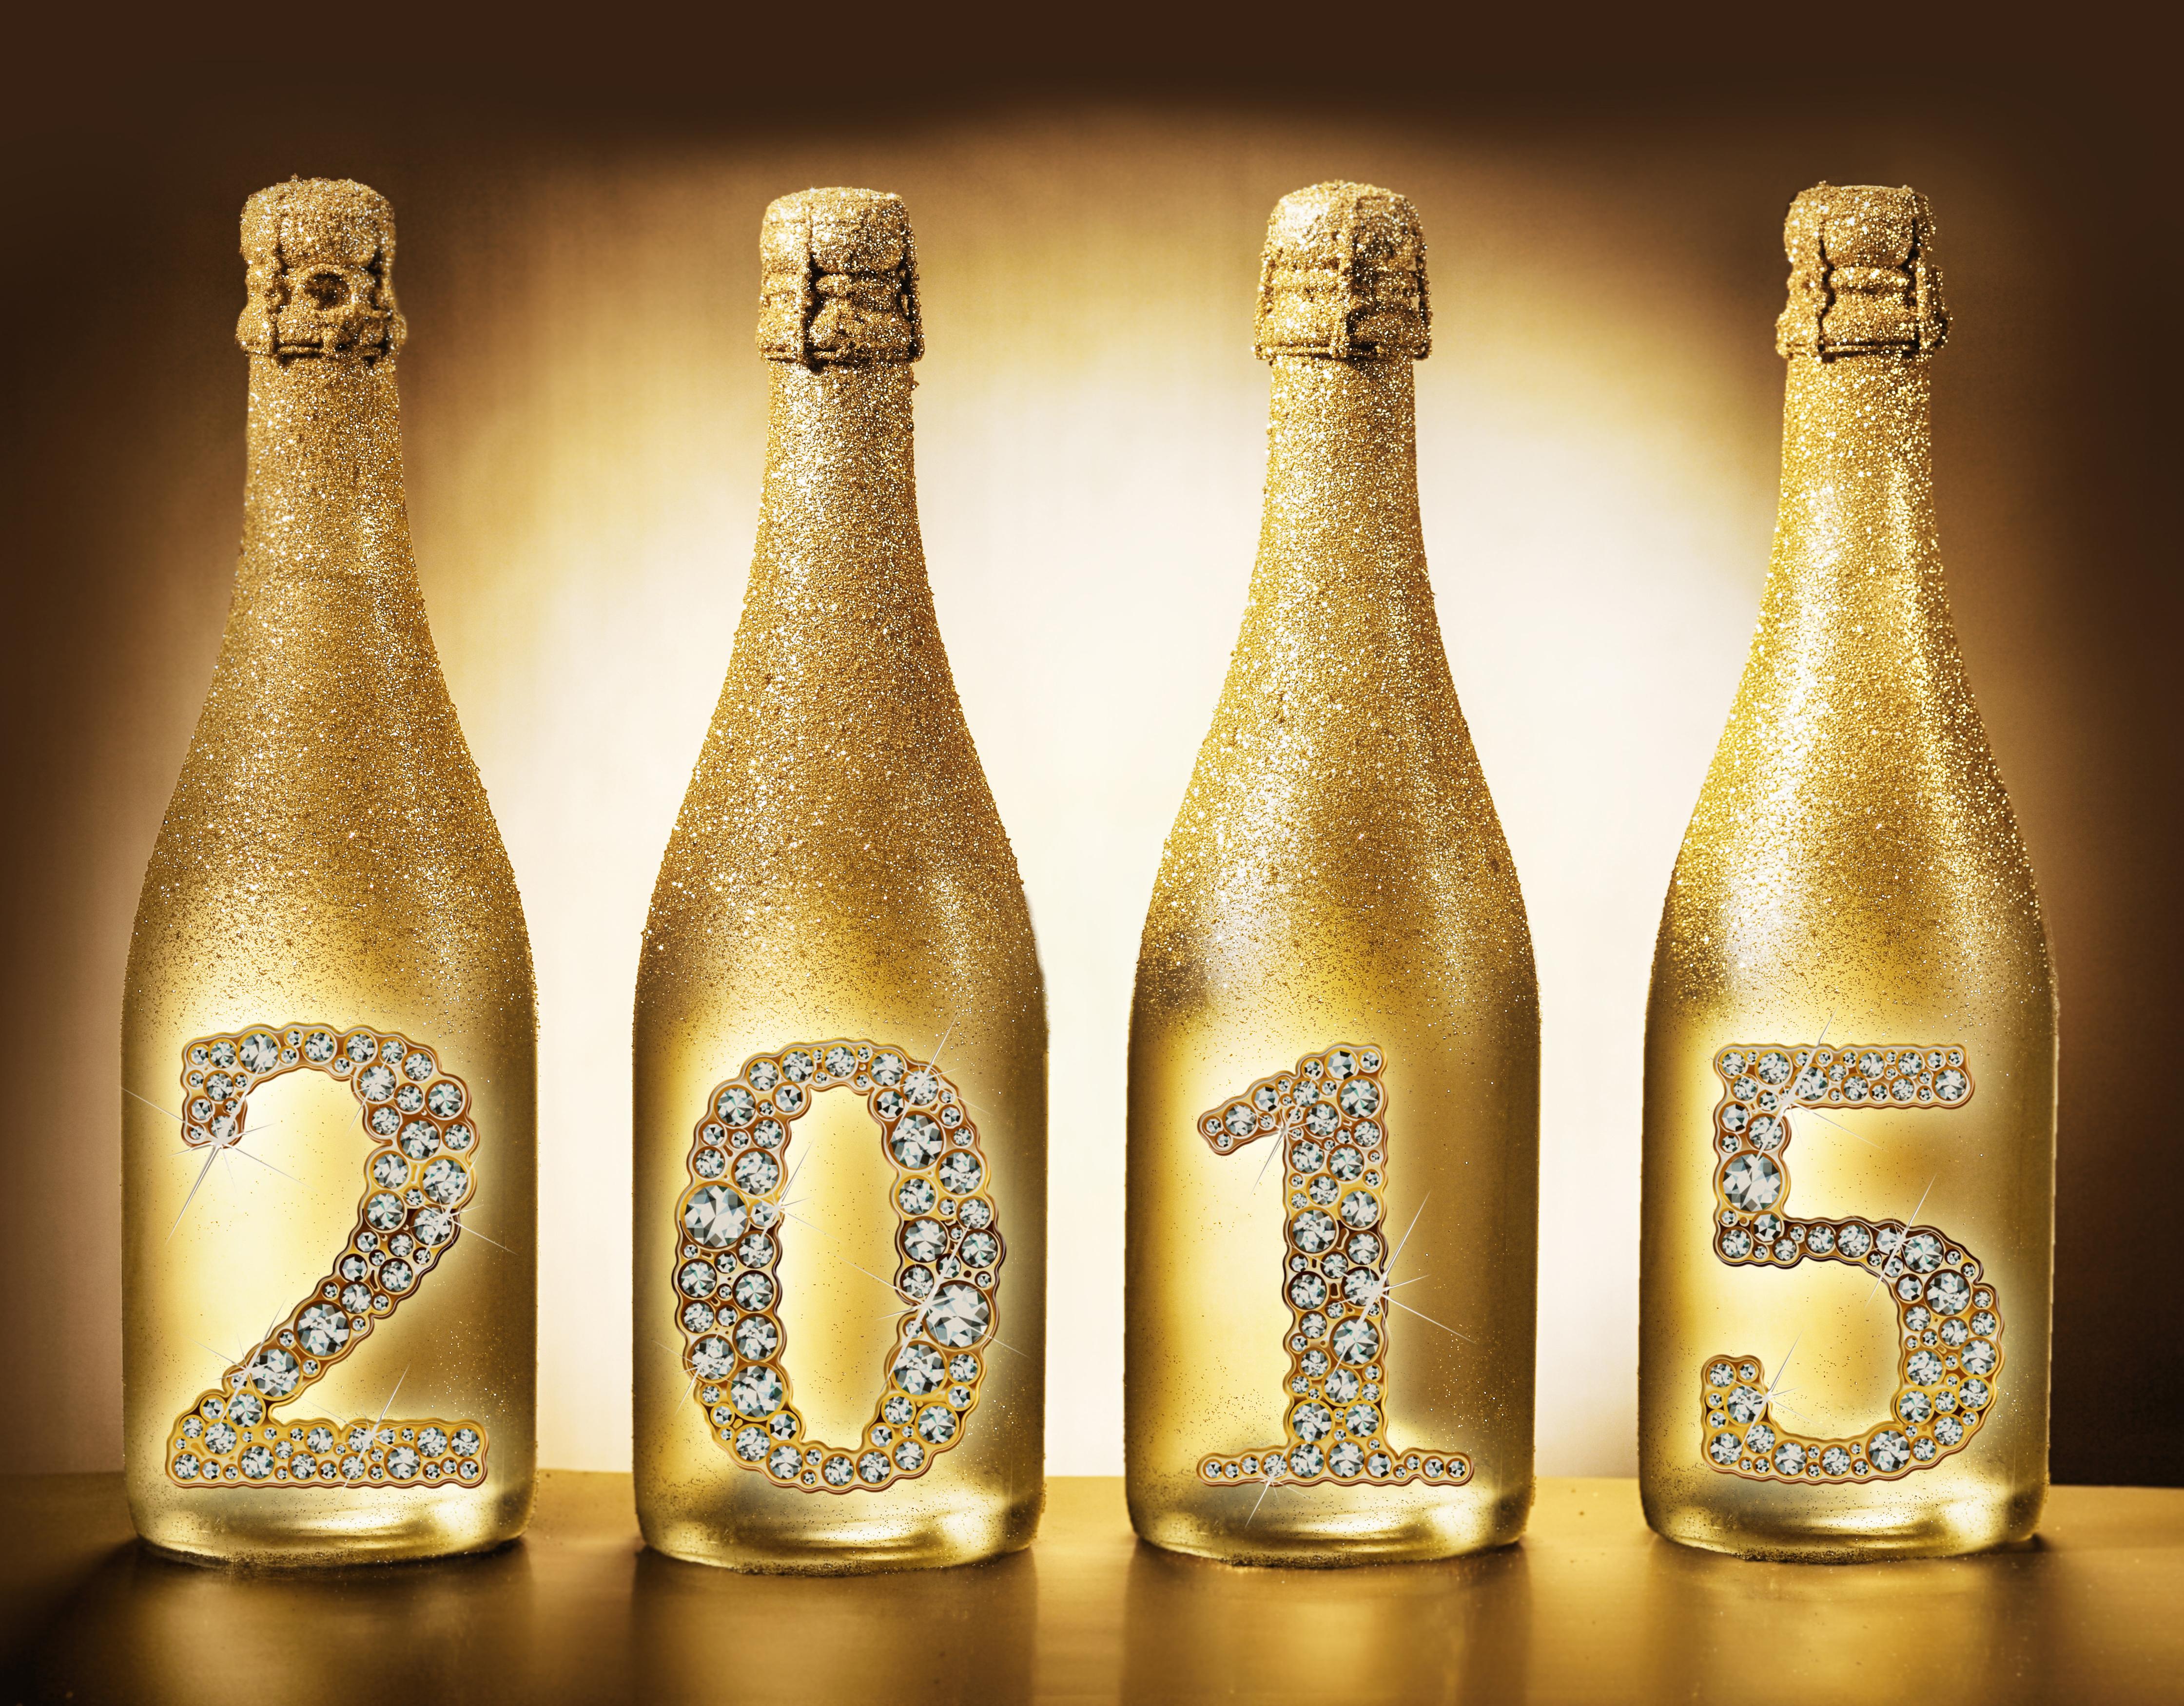 необычные, оформление шампанских бутылок в картинках двух выдающихся